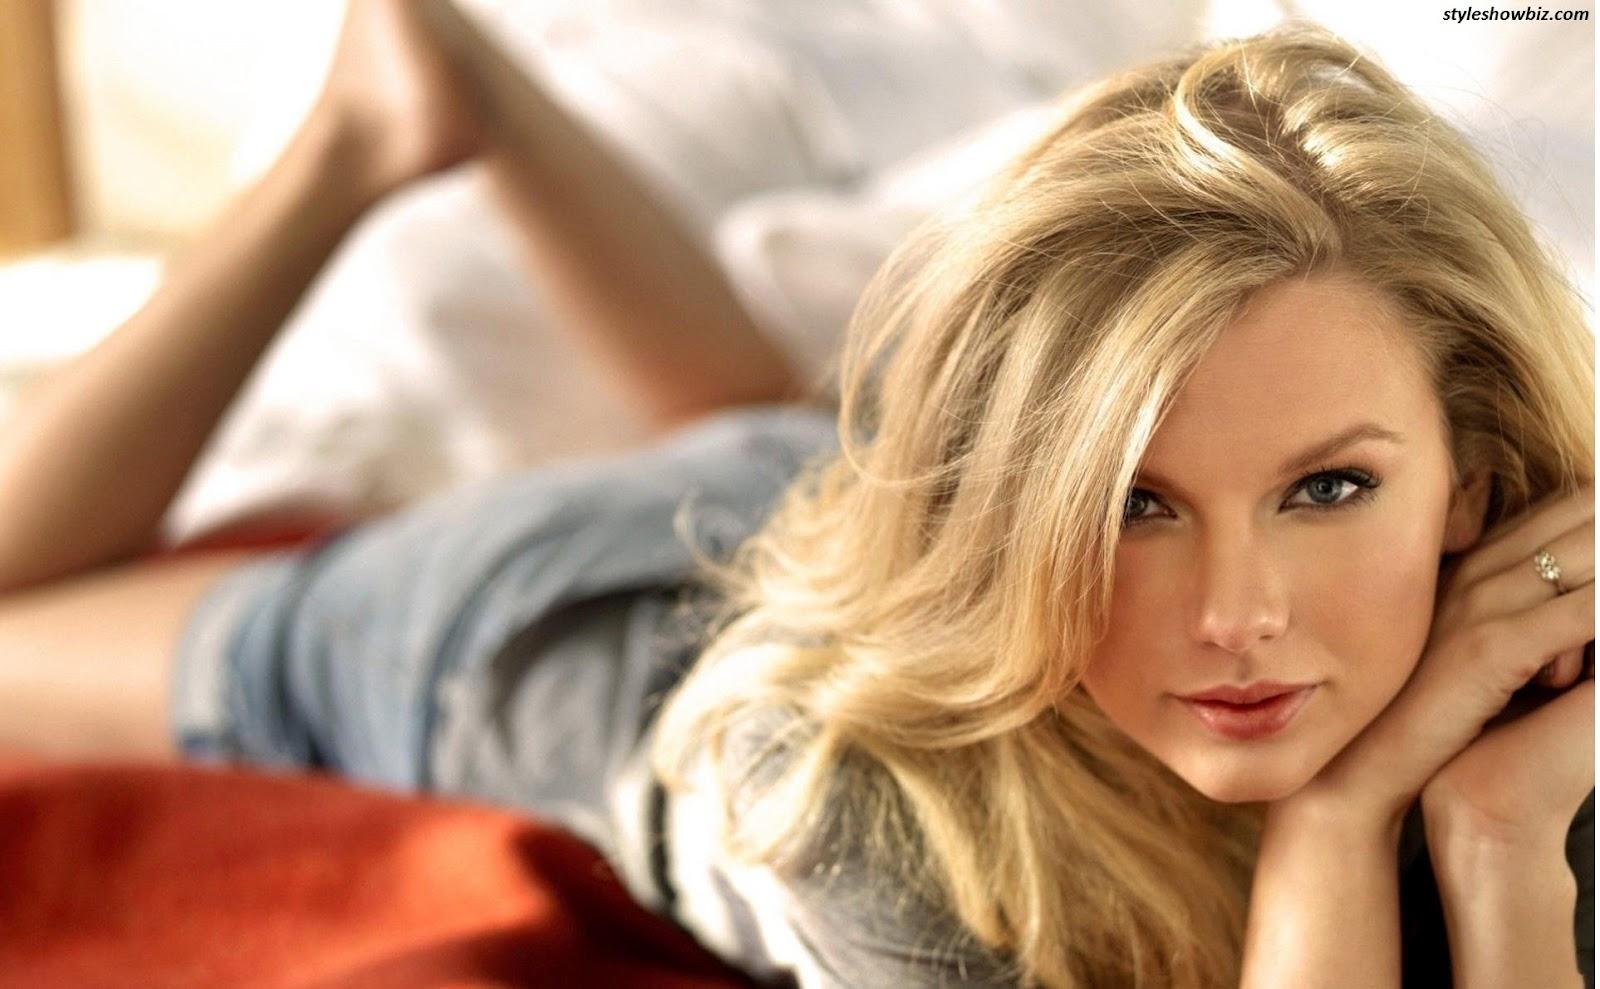 http://2.bp.blogspot.com/-BkFnbD7ZDSQ/T6oHLQIrAdI/AAAAAAAAAVA/gfPsiNimXCs/s1600/_Taylor_Swift_pictures_2012_2012-hot-hd.jpg